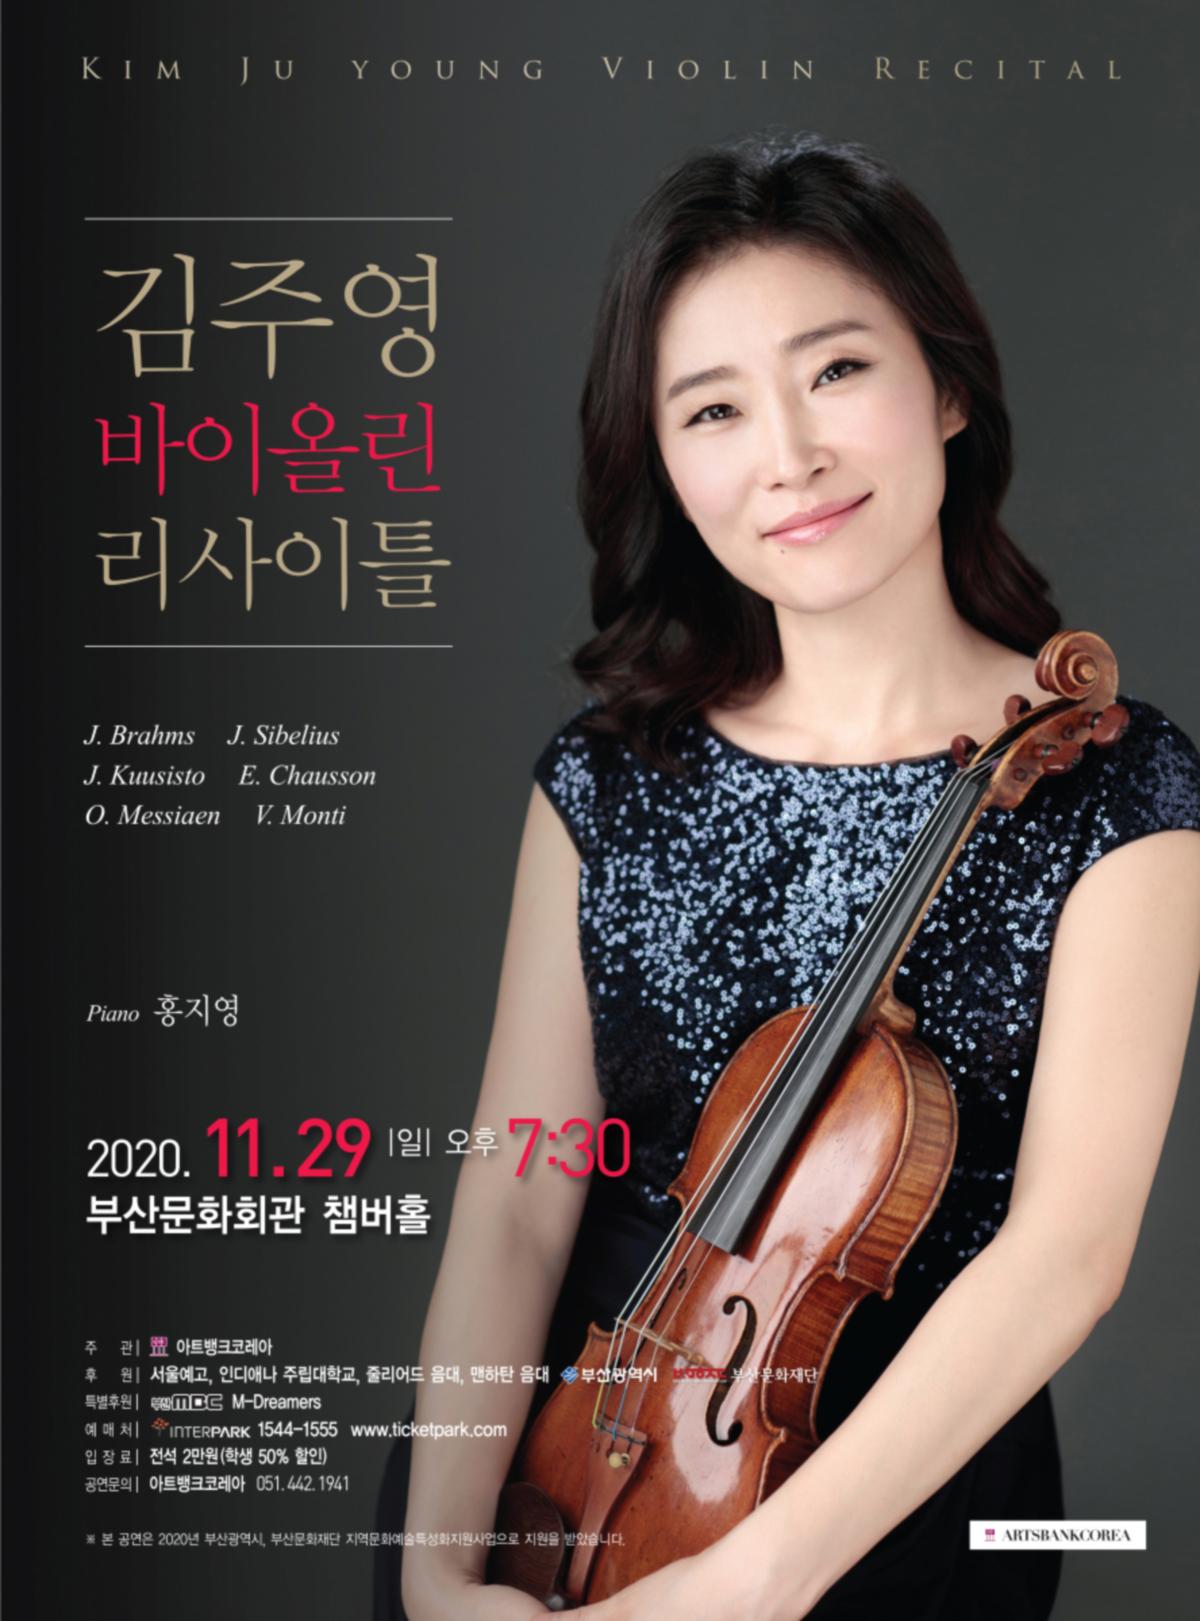 김주영 바이올린 리사이틀